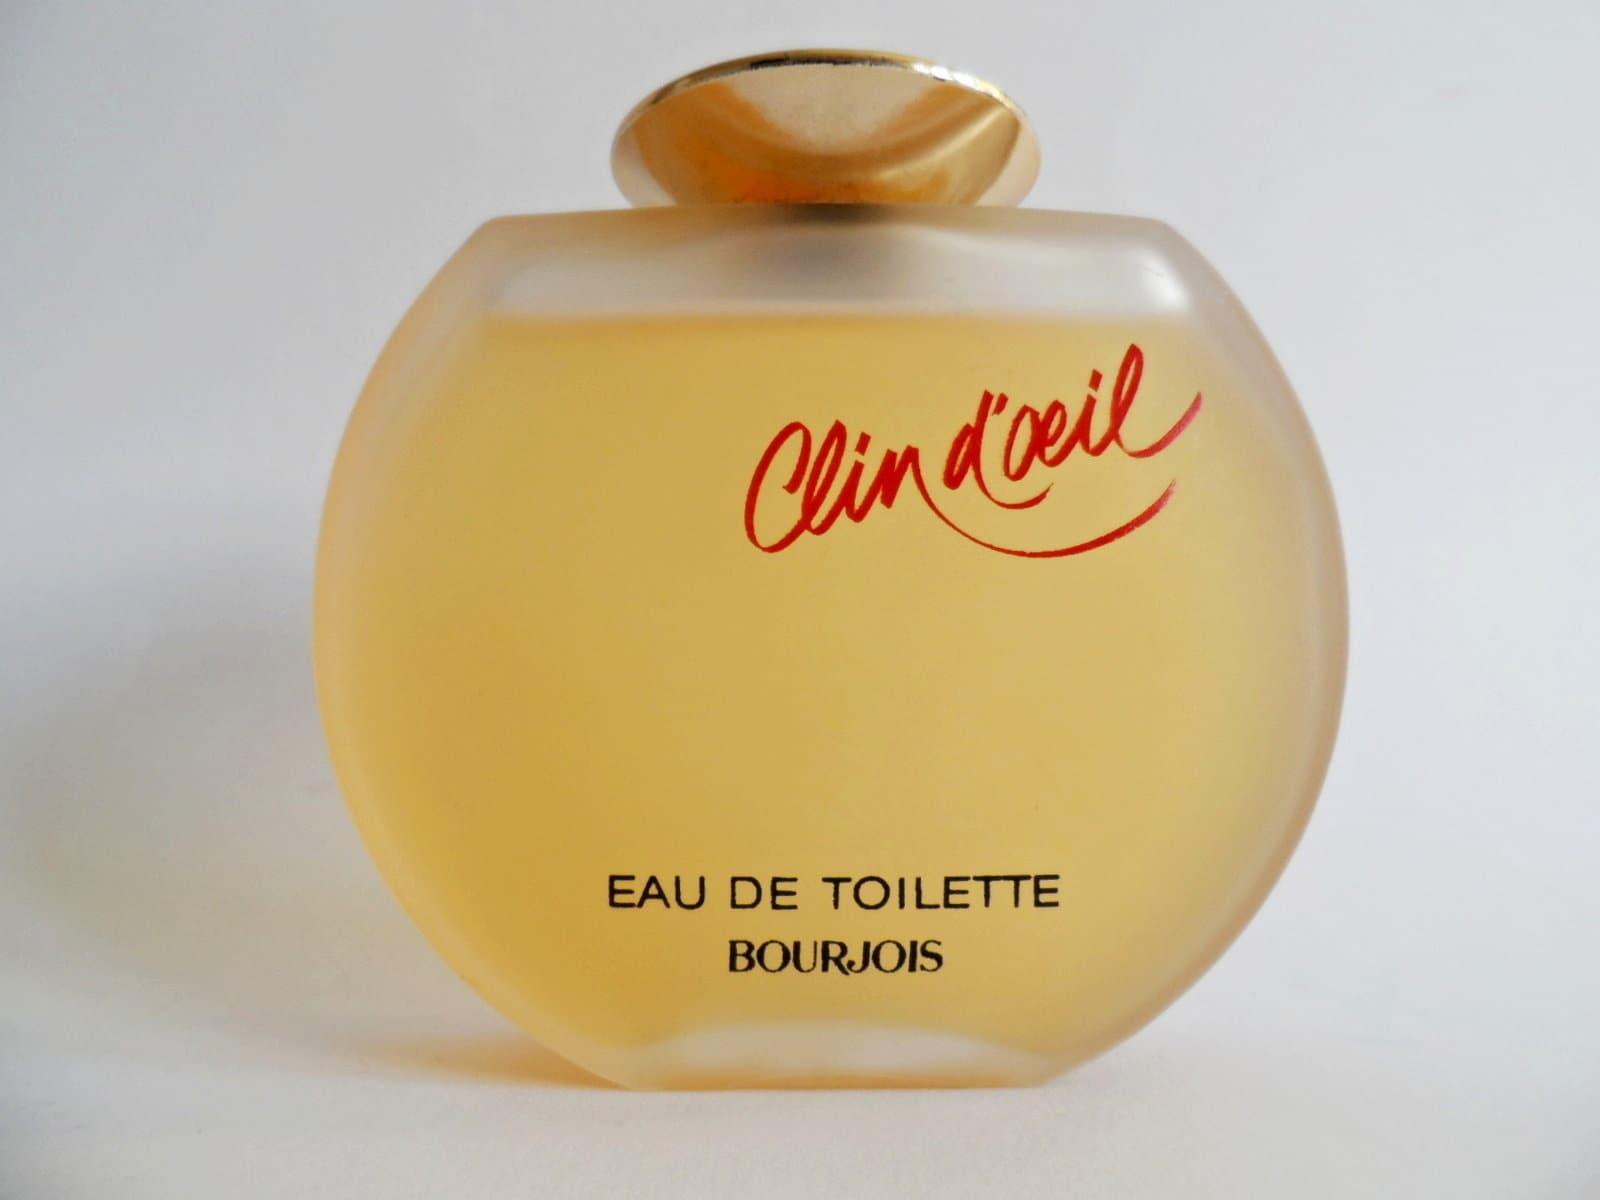 Bourjois France Clin Doeil Old Vintage Parfum Formula Original 150 Ml Eau De Toilette Edt 90 Percent Full